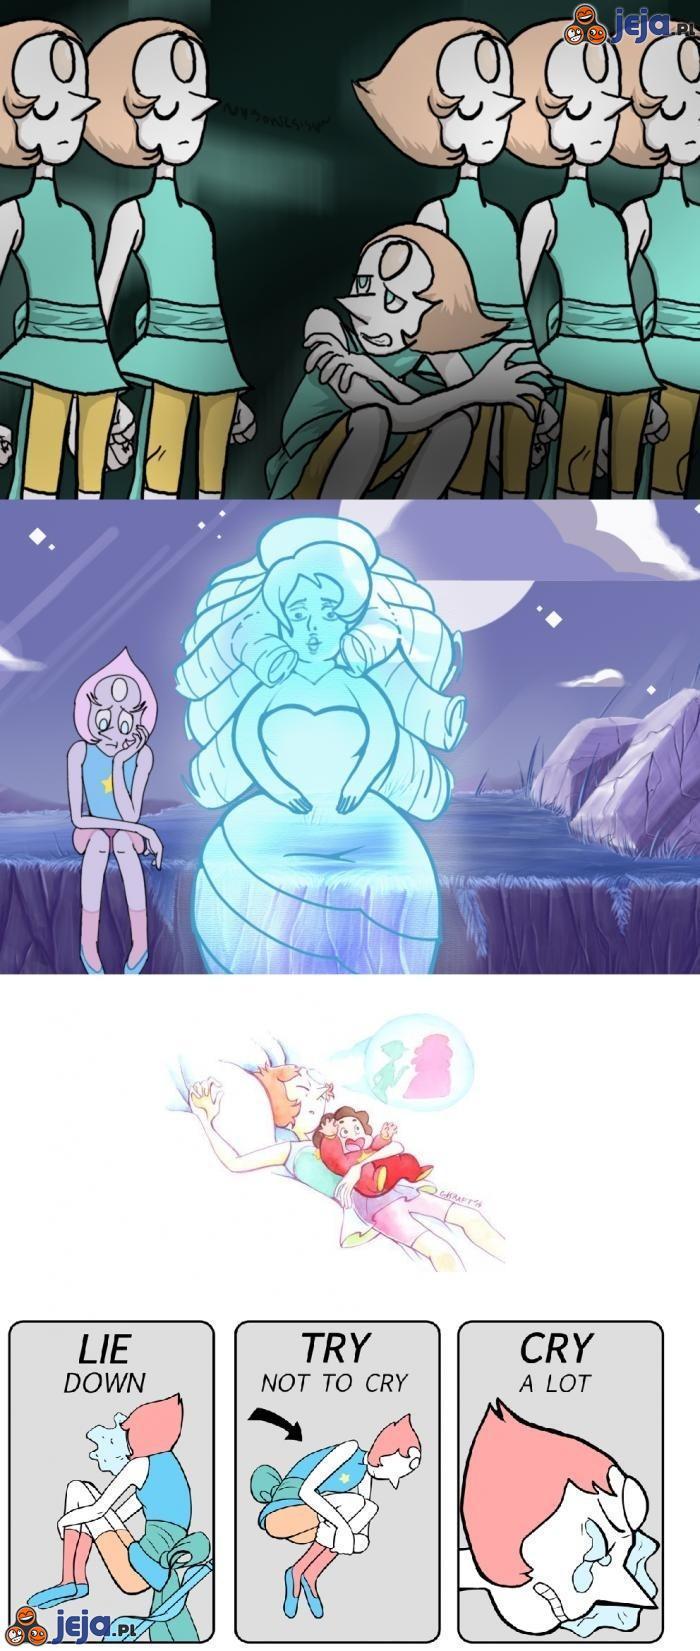 Nie wszystko w kreskówkach widać od razu...